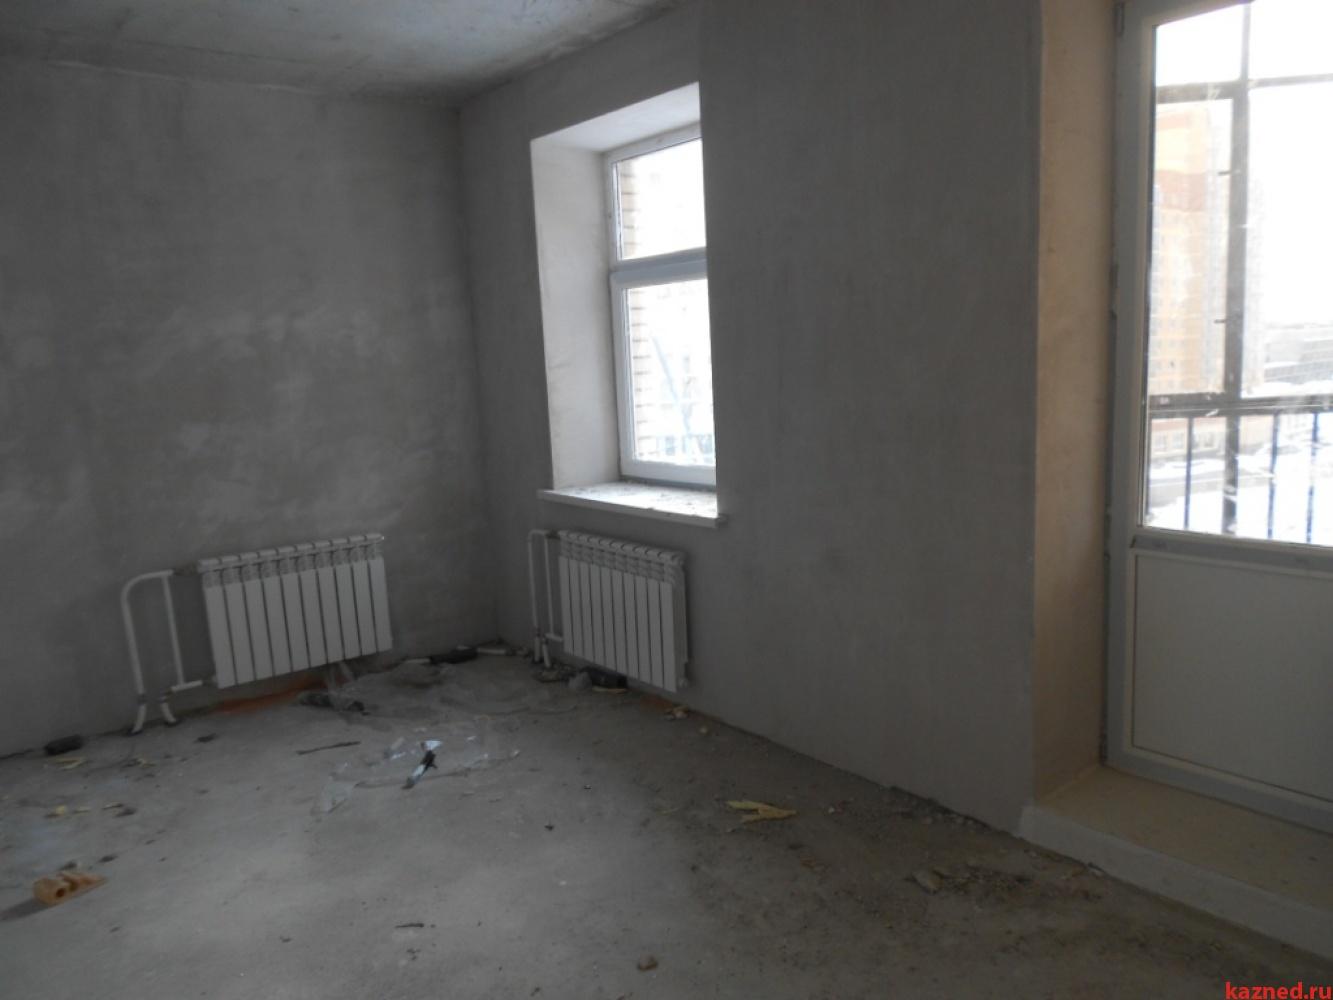 Продажа 3-к квартиры Б.Урманче,6, 75 м²  (миниатюра №2)